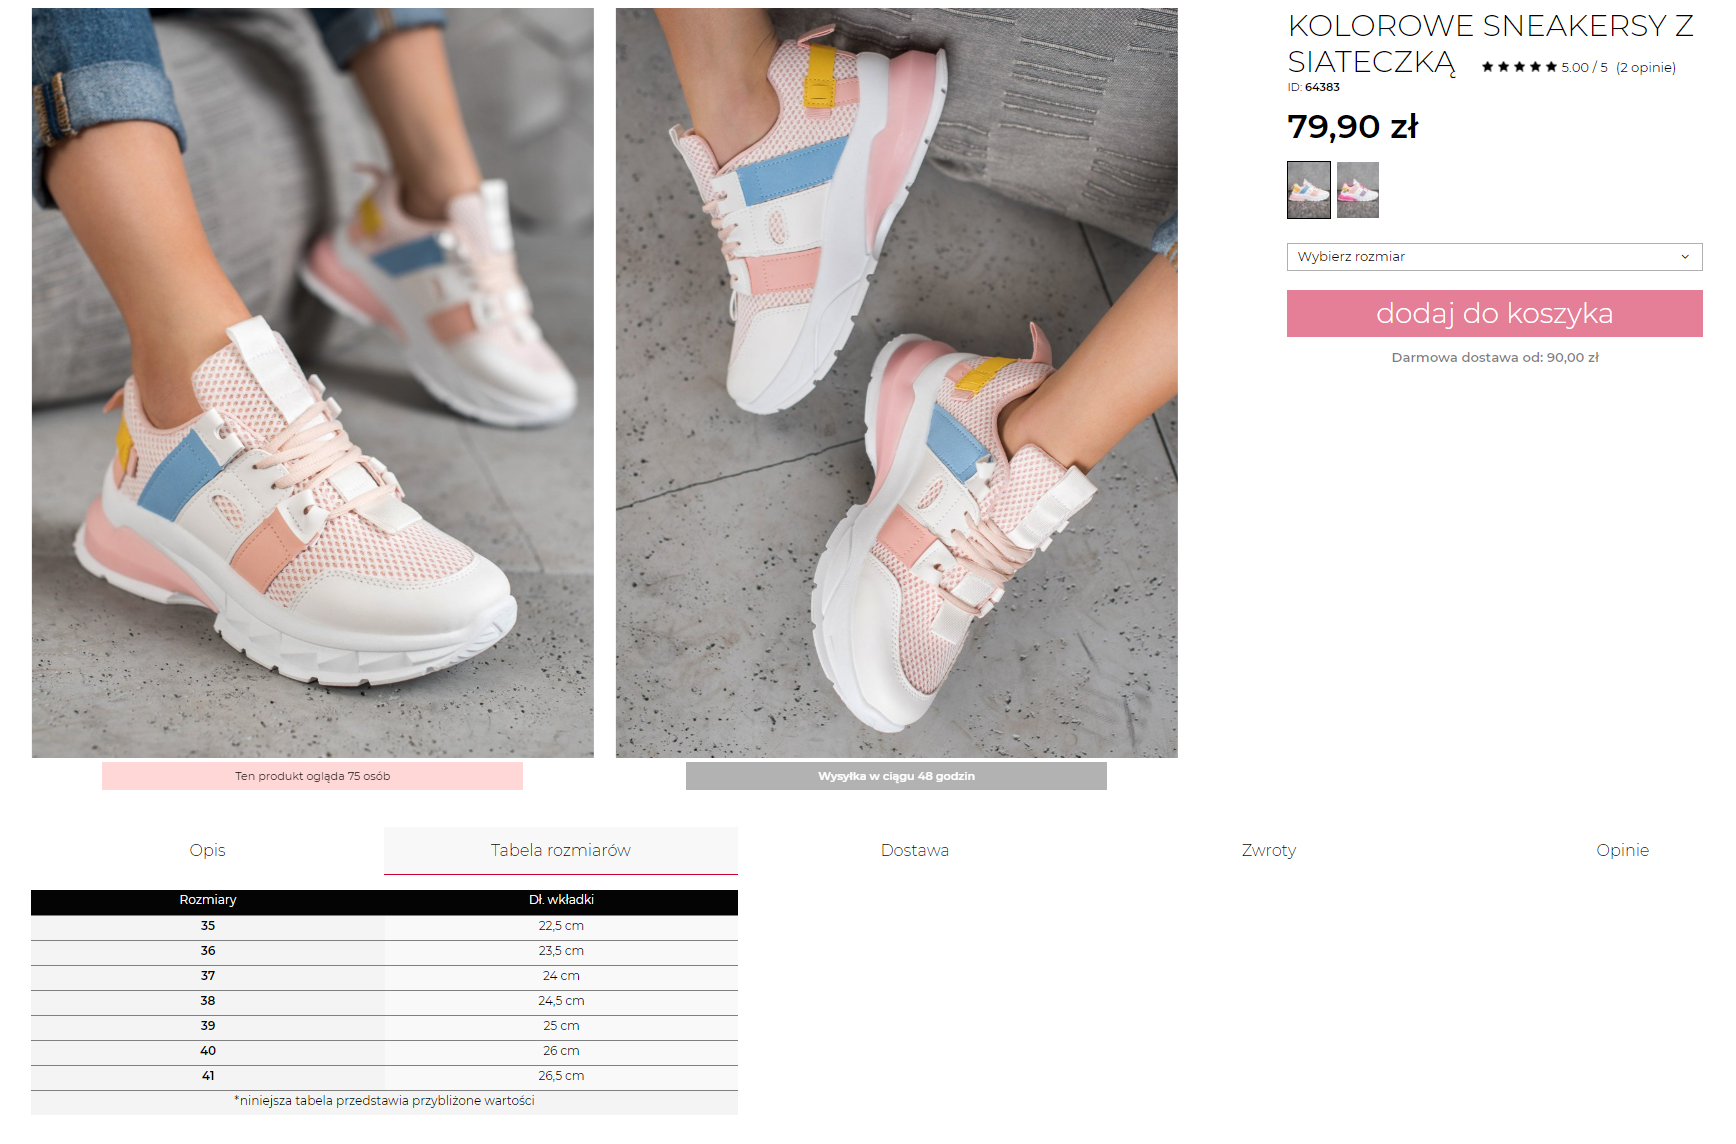 tabela rozmiarów umieszczona pod zdjęciem produktu – butów sportowych